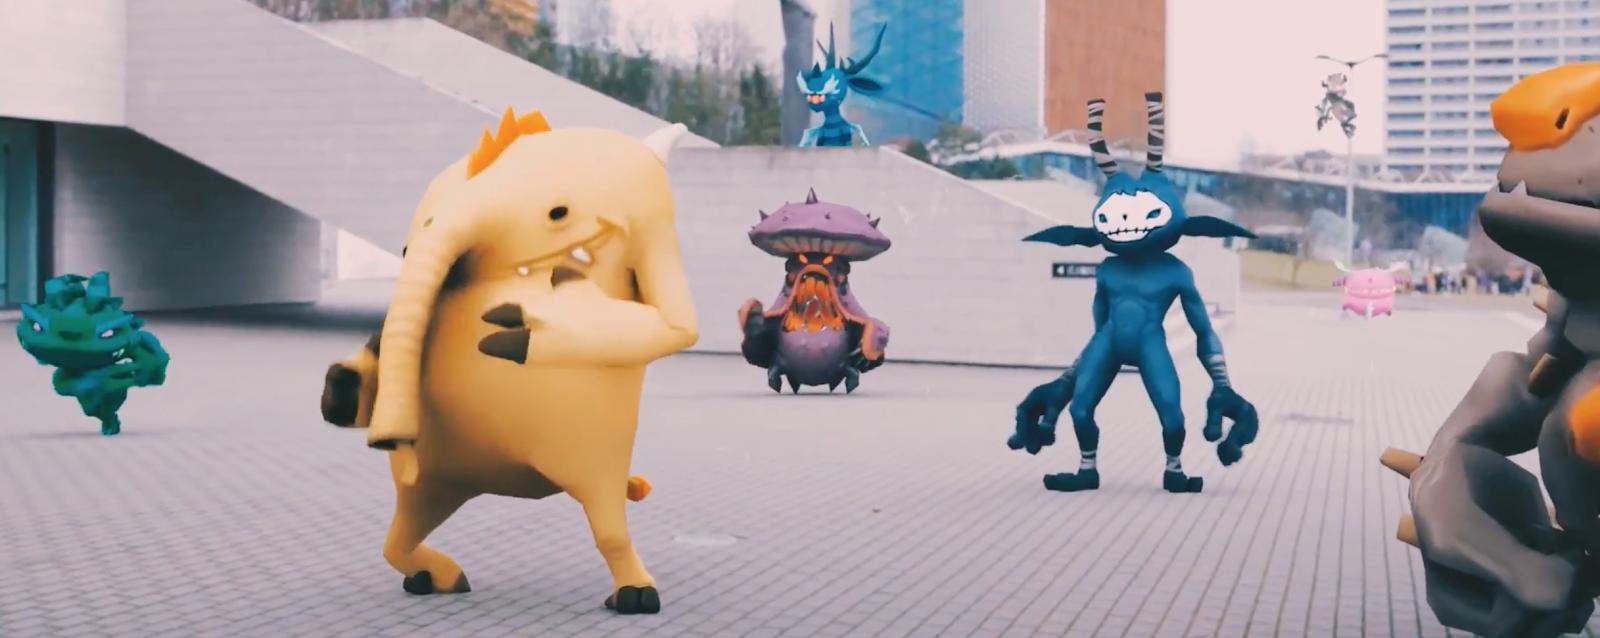 Monster Buster: World Invasion llega a iOS, una nueva aventura de realidad virtual